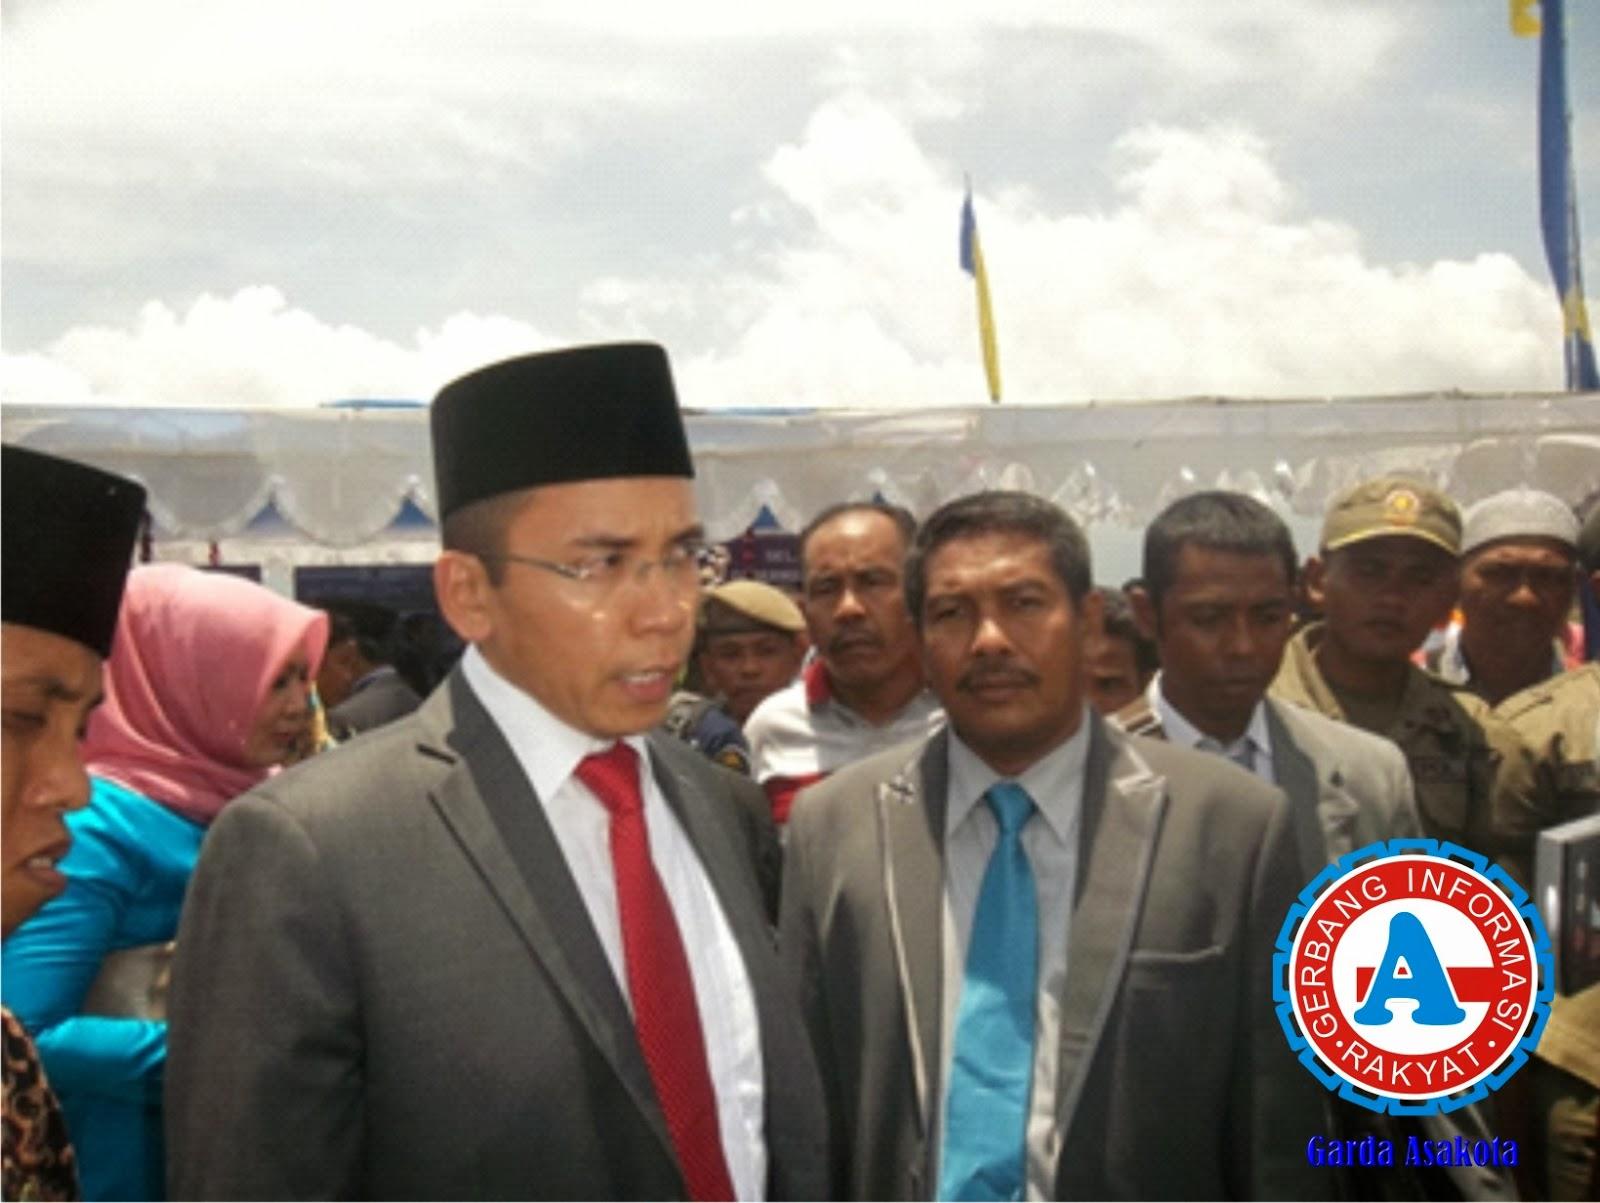 Gubernur: PNS ke Tempat Hiburan Malam, Ditindak Tegas